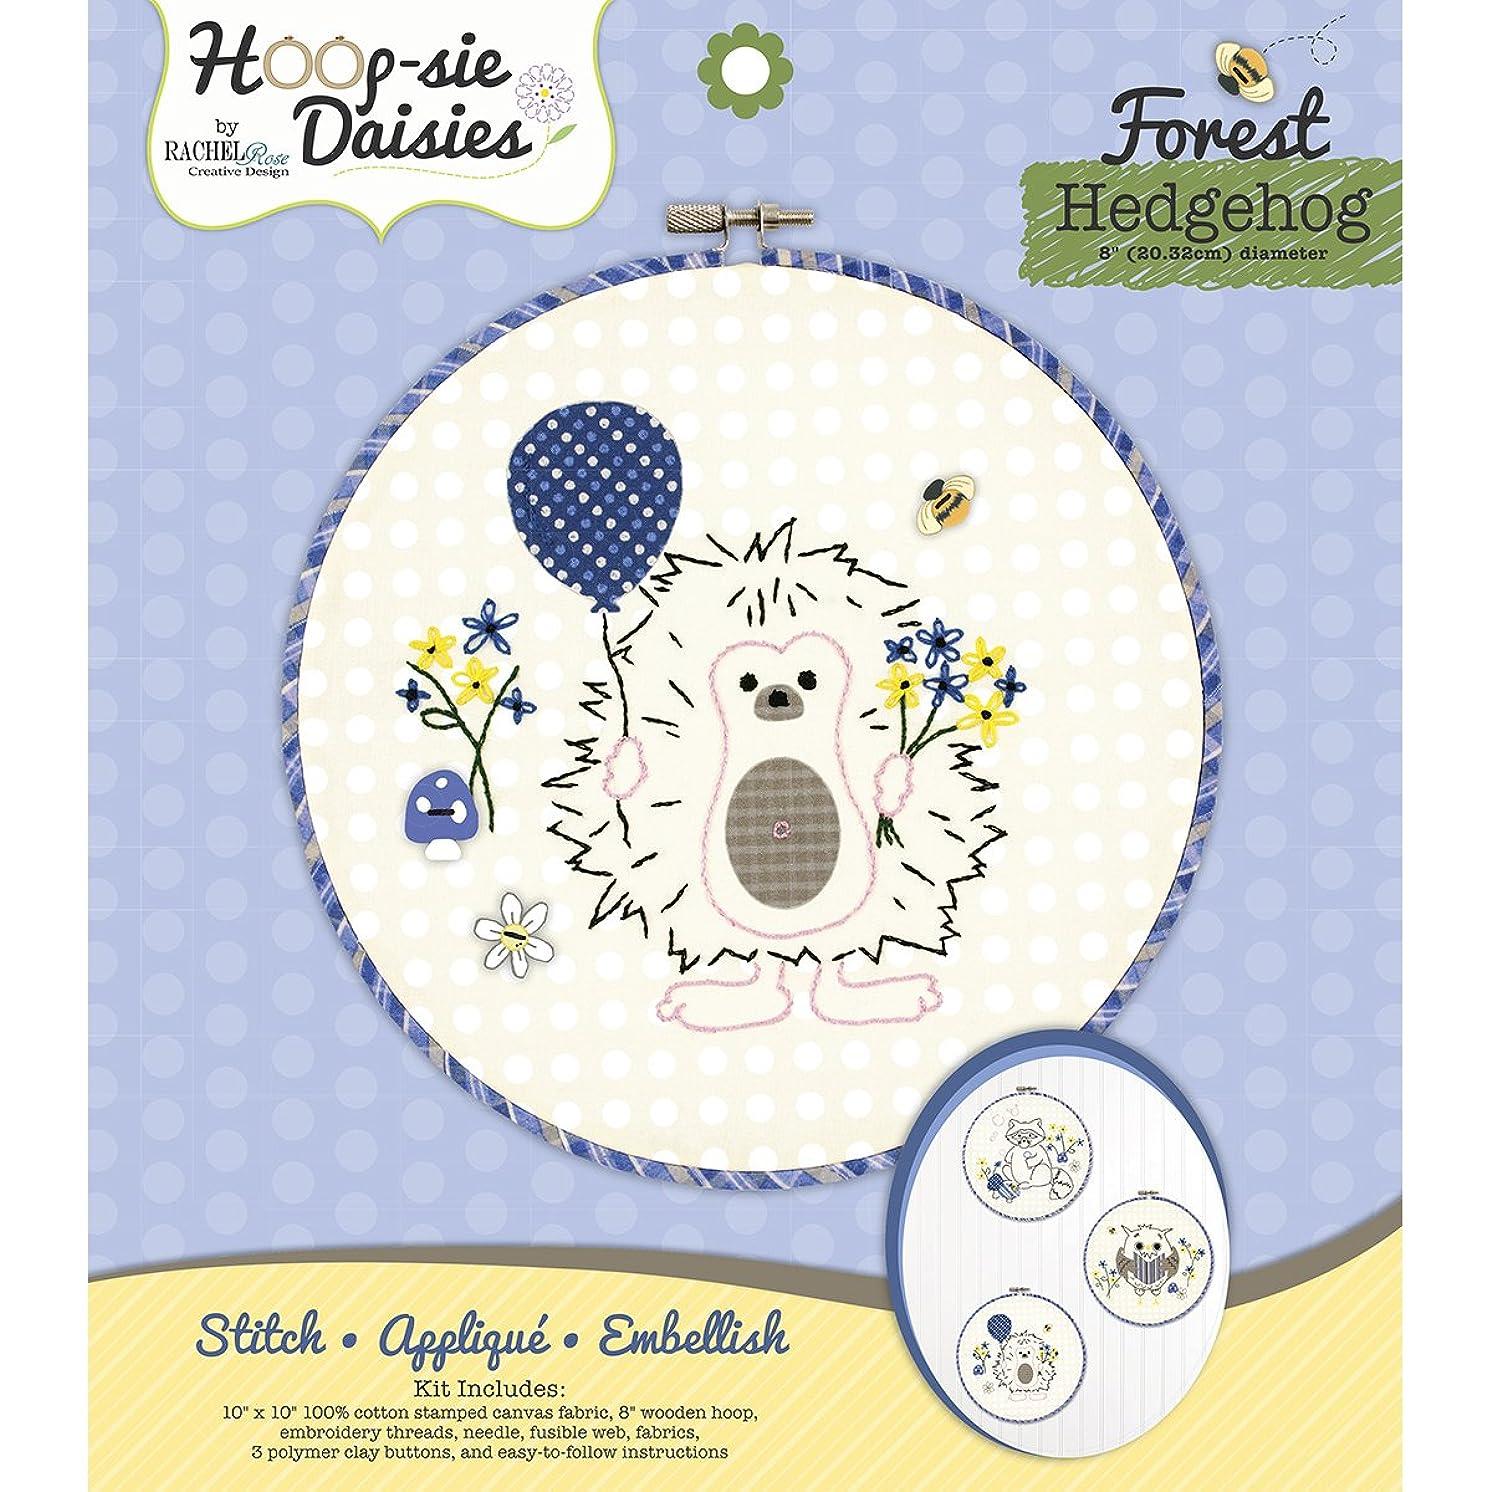 Hedgehog Hoop-Sie Daisies Embroidery Kit-8.5 Round